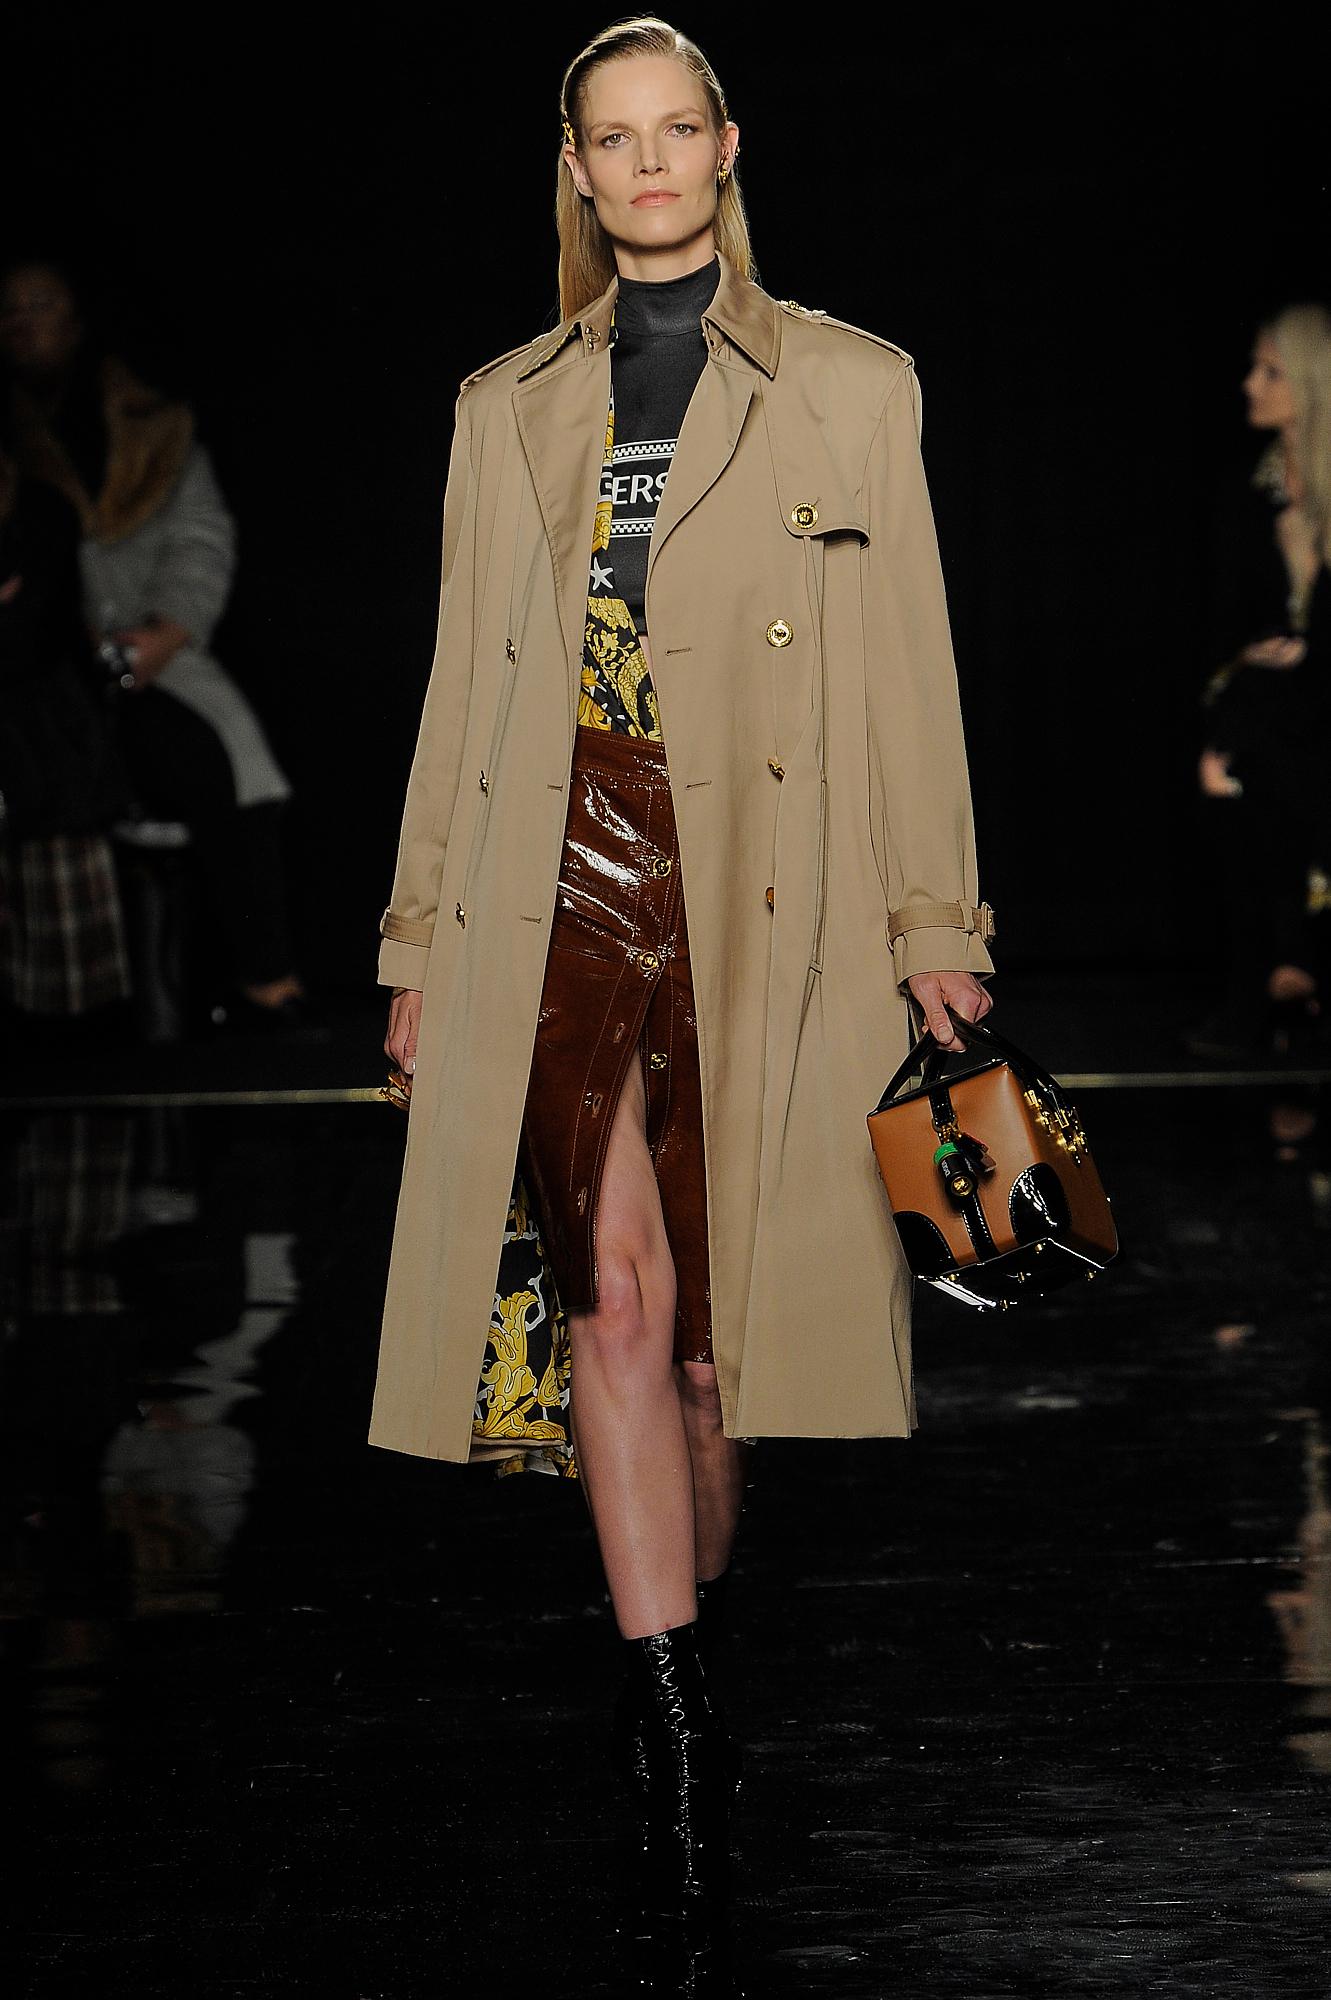 Versace_5_a3_versace_runway_runway_00005.jpg